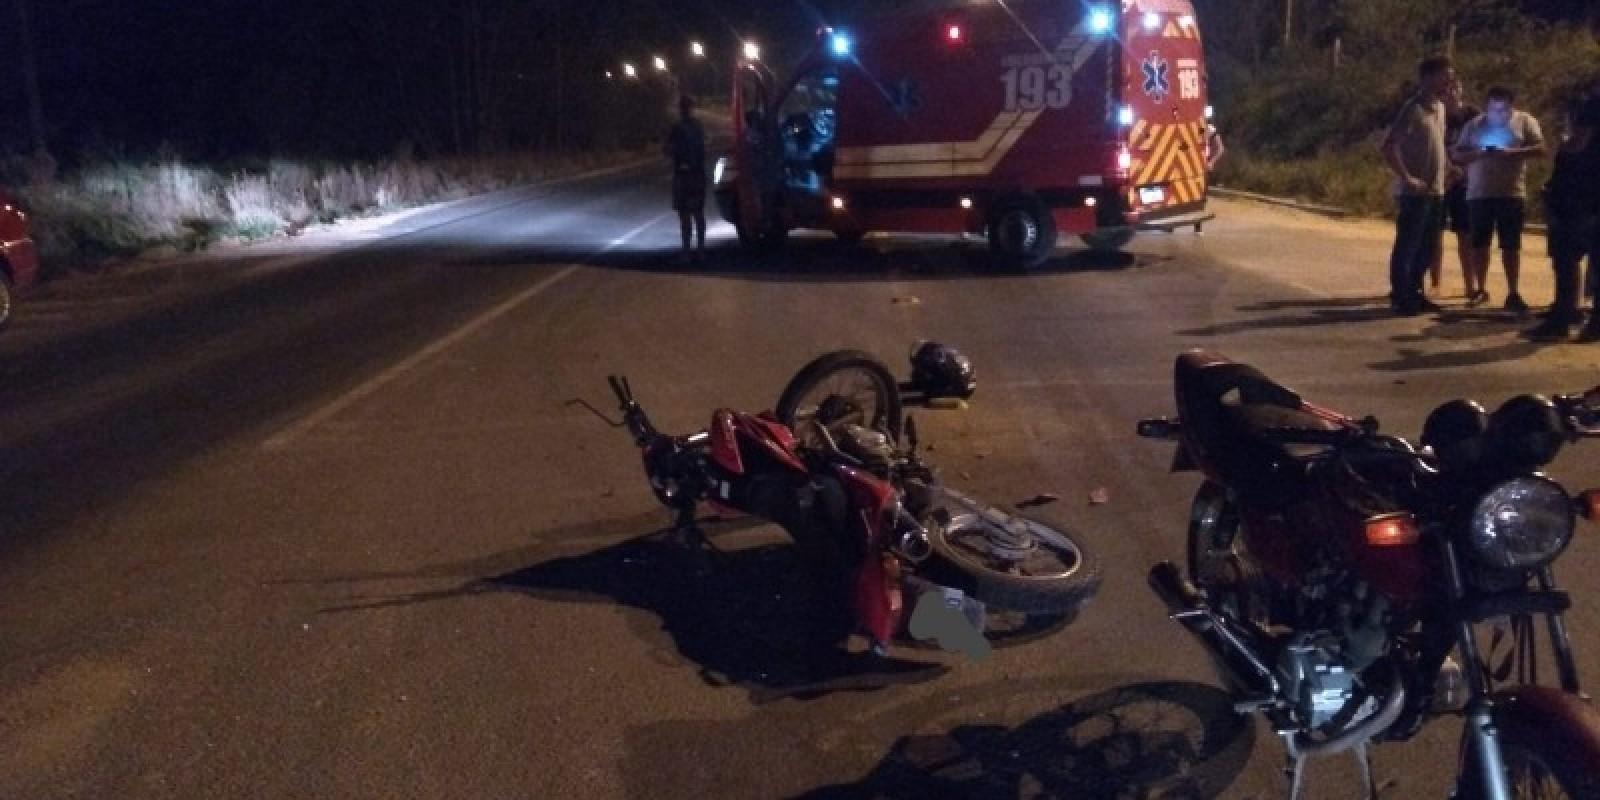 Motociclista é hospitalizado após acidente de trânsito em Cocal do Sul